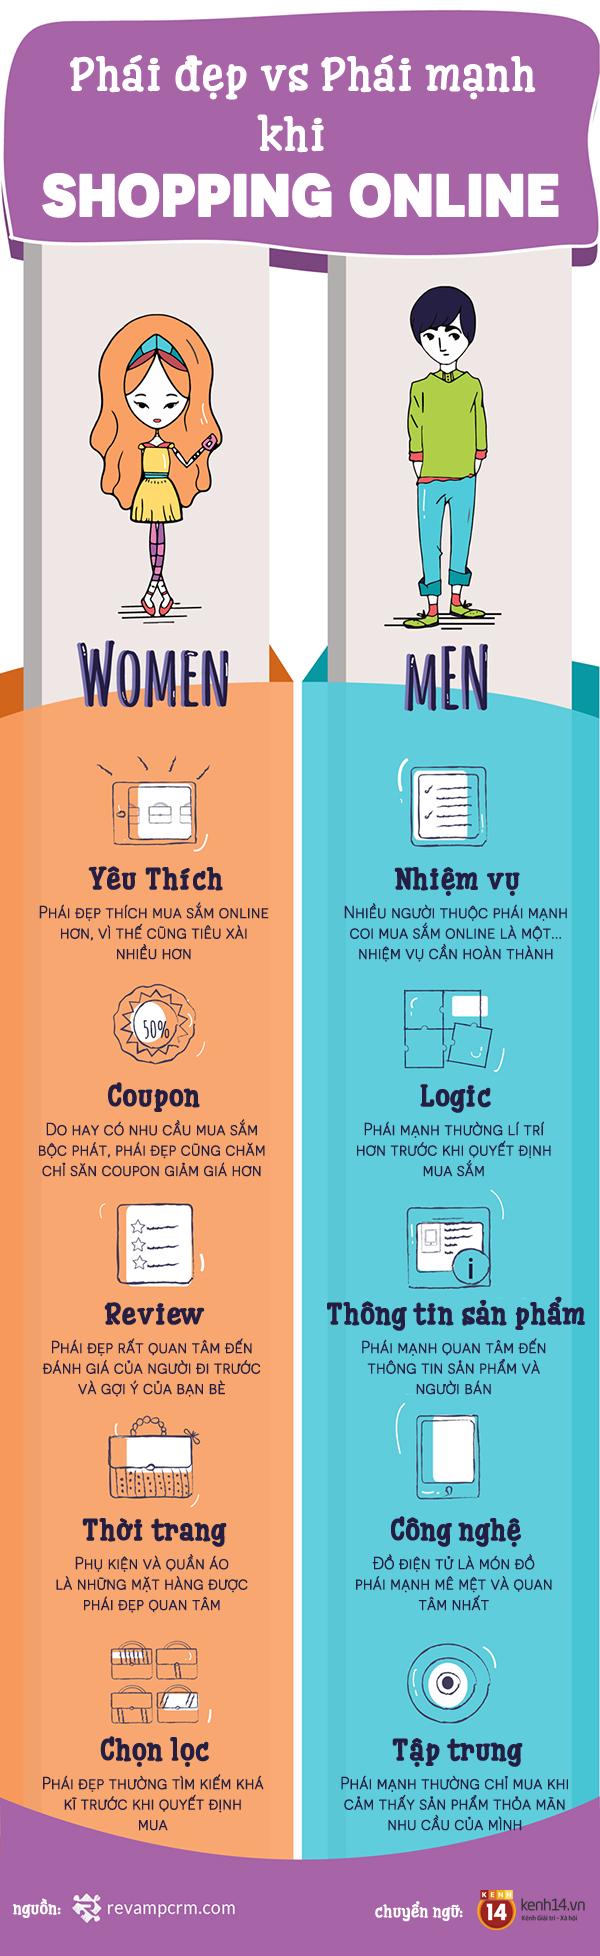 Đây là những điểm khác nhau giữa con trai và con gái khi mua hàng qua mạng - Ảnh 1.